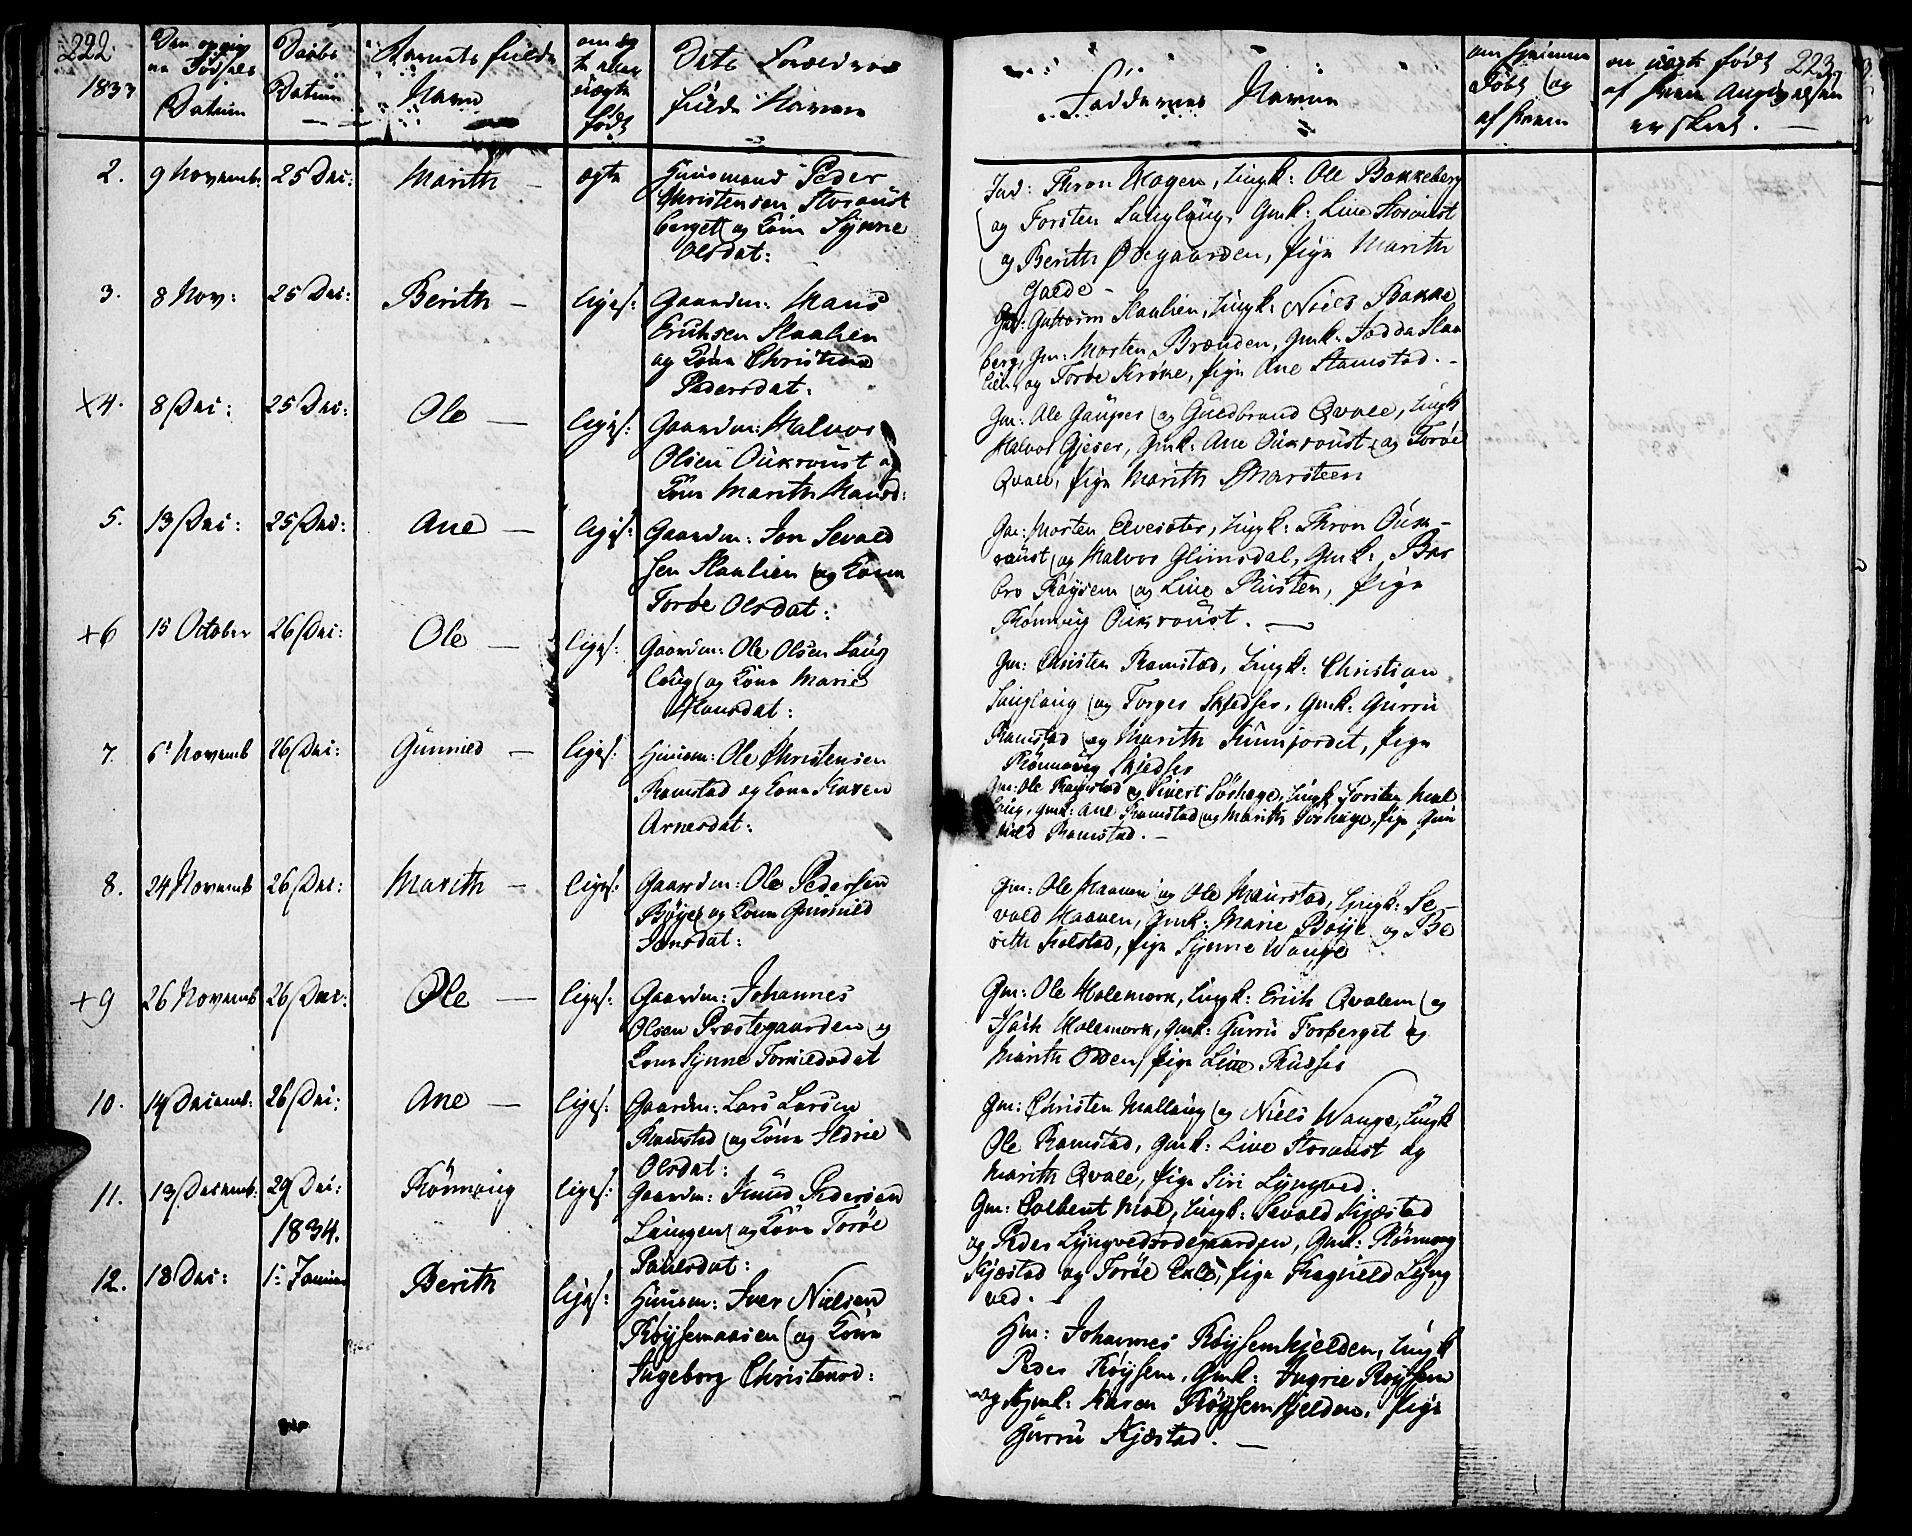 SAH, Lom prestekontor, K/L0005: Ministerialbok nr. 5, 1825-1837, s. 222-223